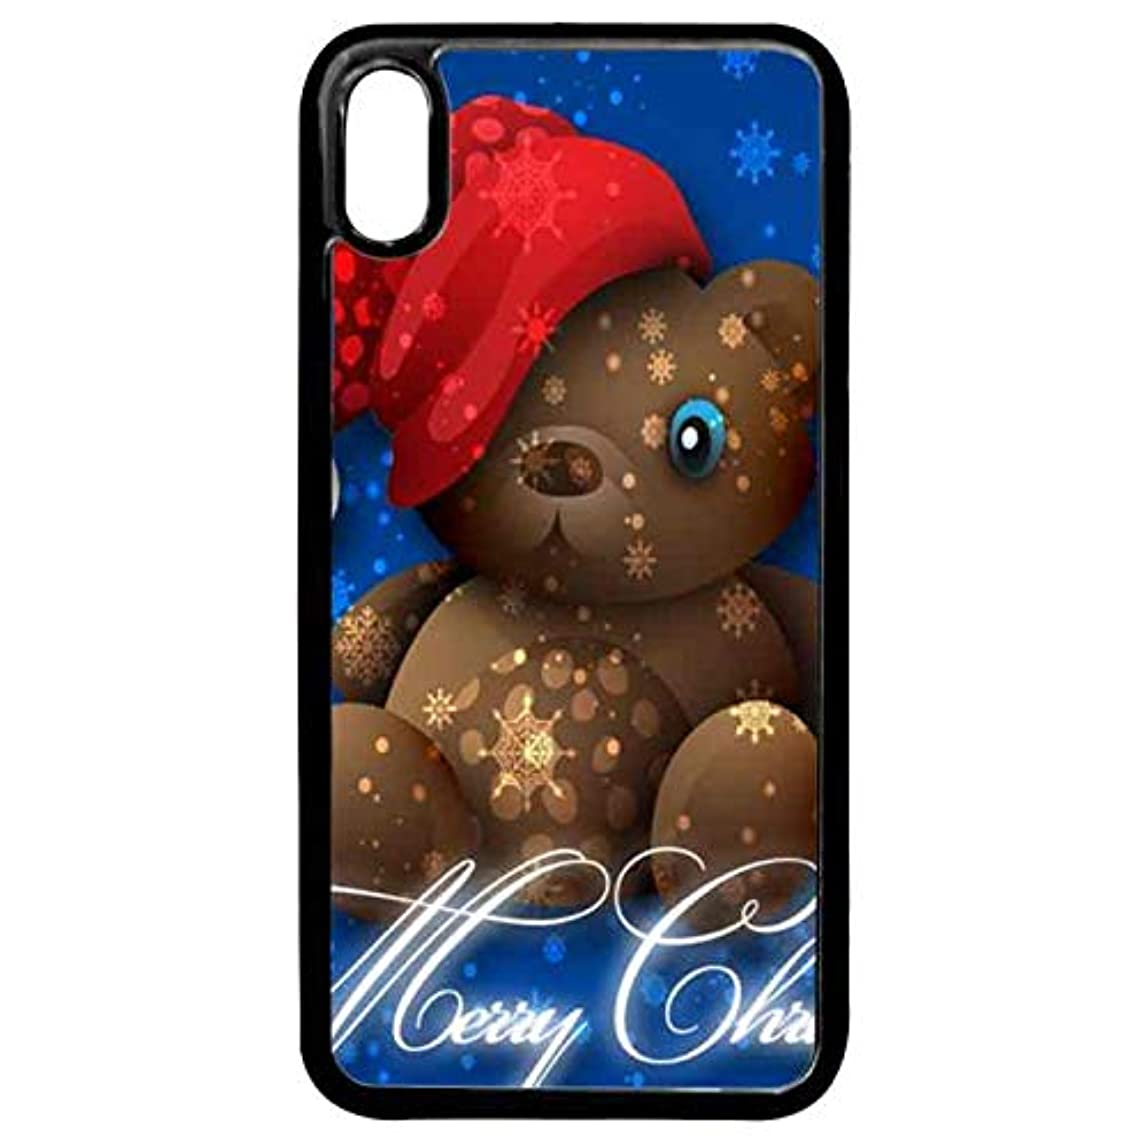 レディデザートテープiPhone XS Max ケース iPhone XS Max スマホケース クリスマス かわいいクマ iPhone XS Max 対応 携帯電話ケース 完全保護スマホケース iPhone XS Max スリムハードケース